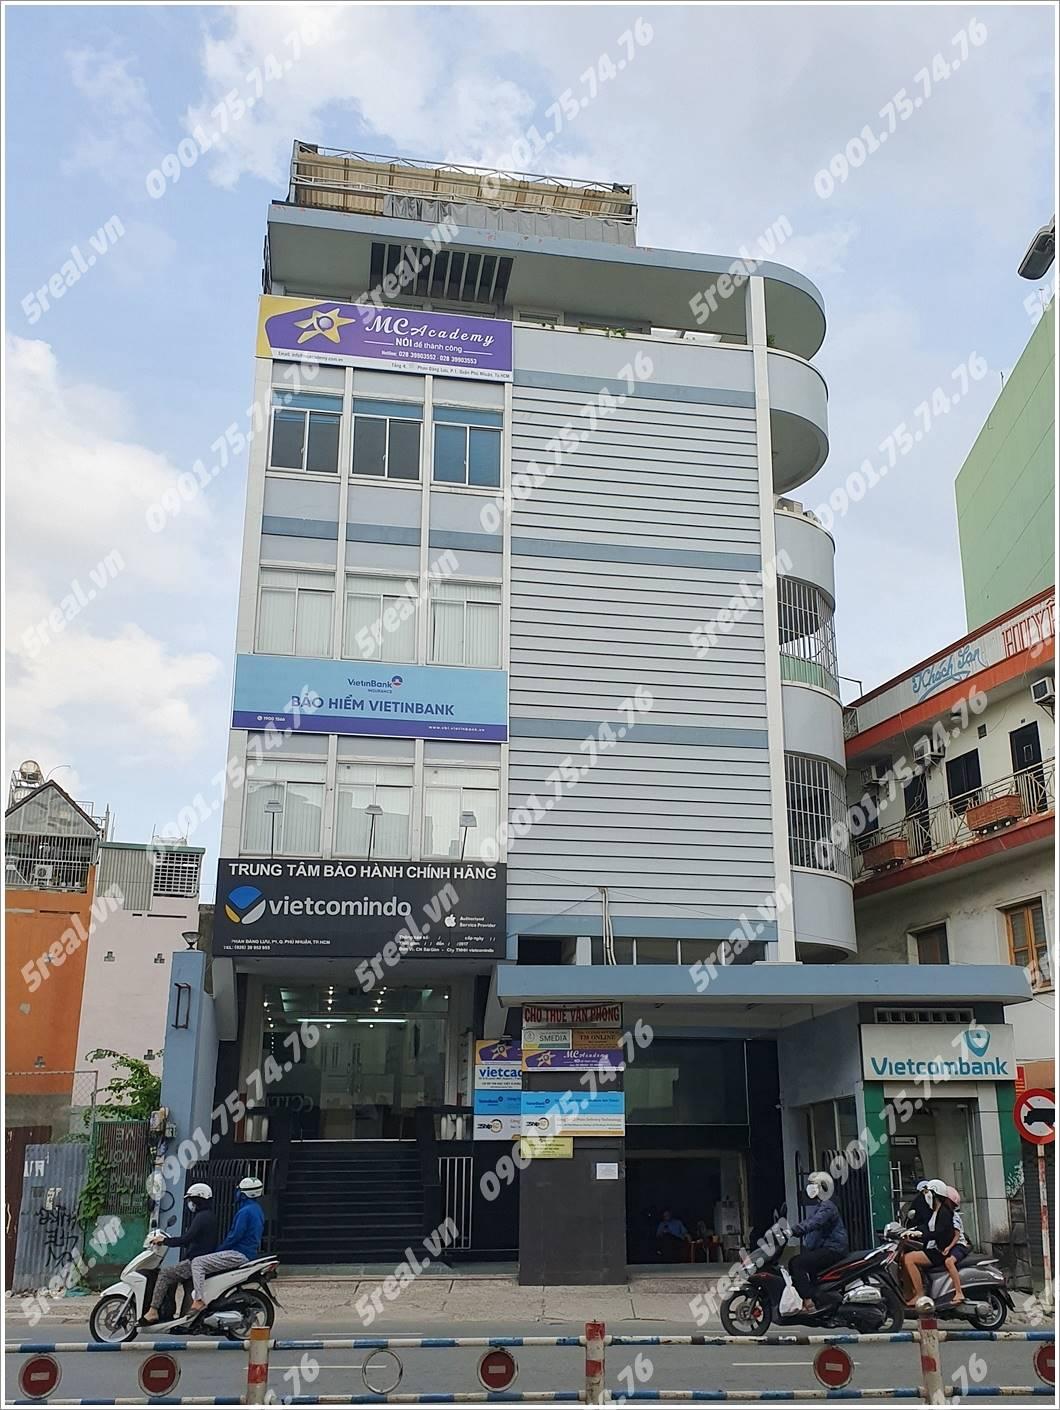 aia-building-phan-dang-luu-quan-phu-nhuan-van-phong-cho-thue-tphcm-5real.vn-01